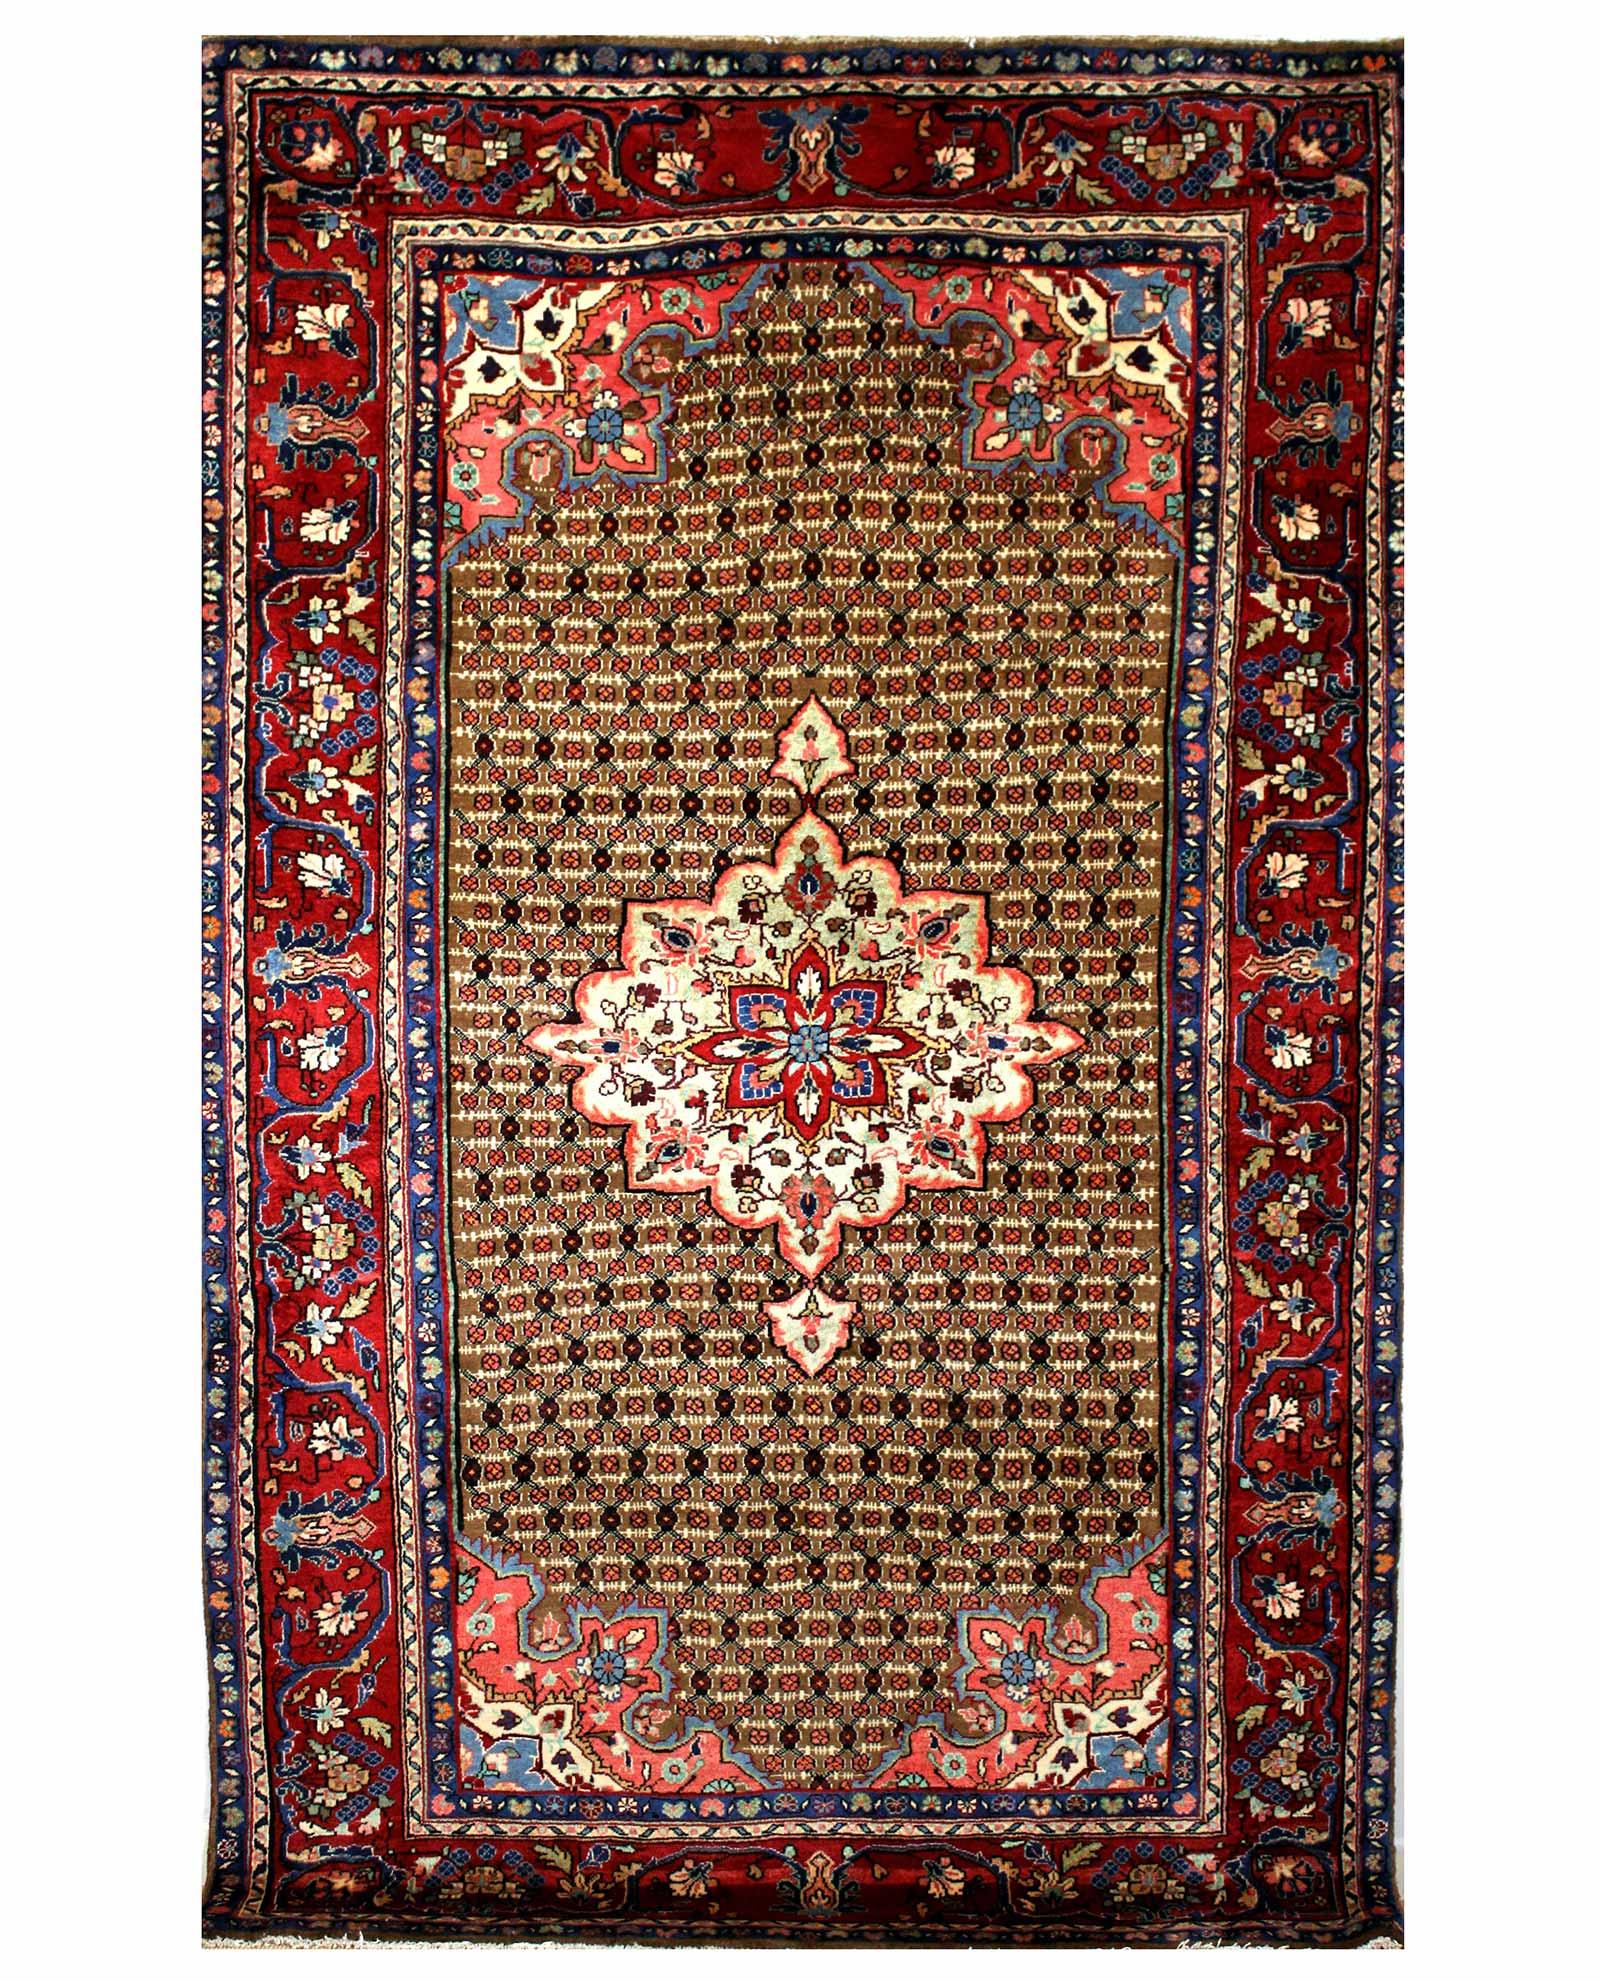 tapis persan kolyai 15102 iranian carpet. Black Bedroom Furniture Sets. Home Design Ideas